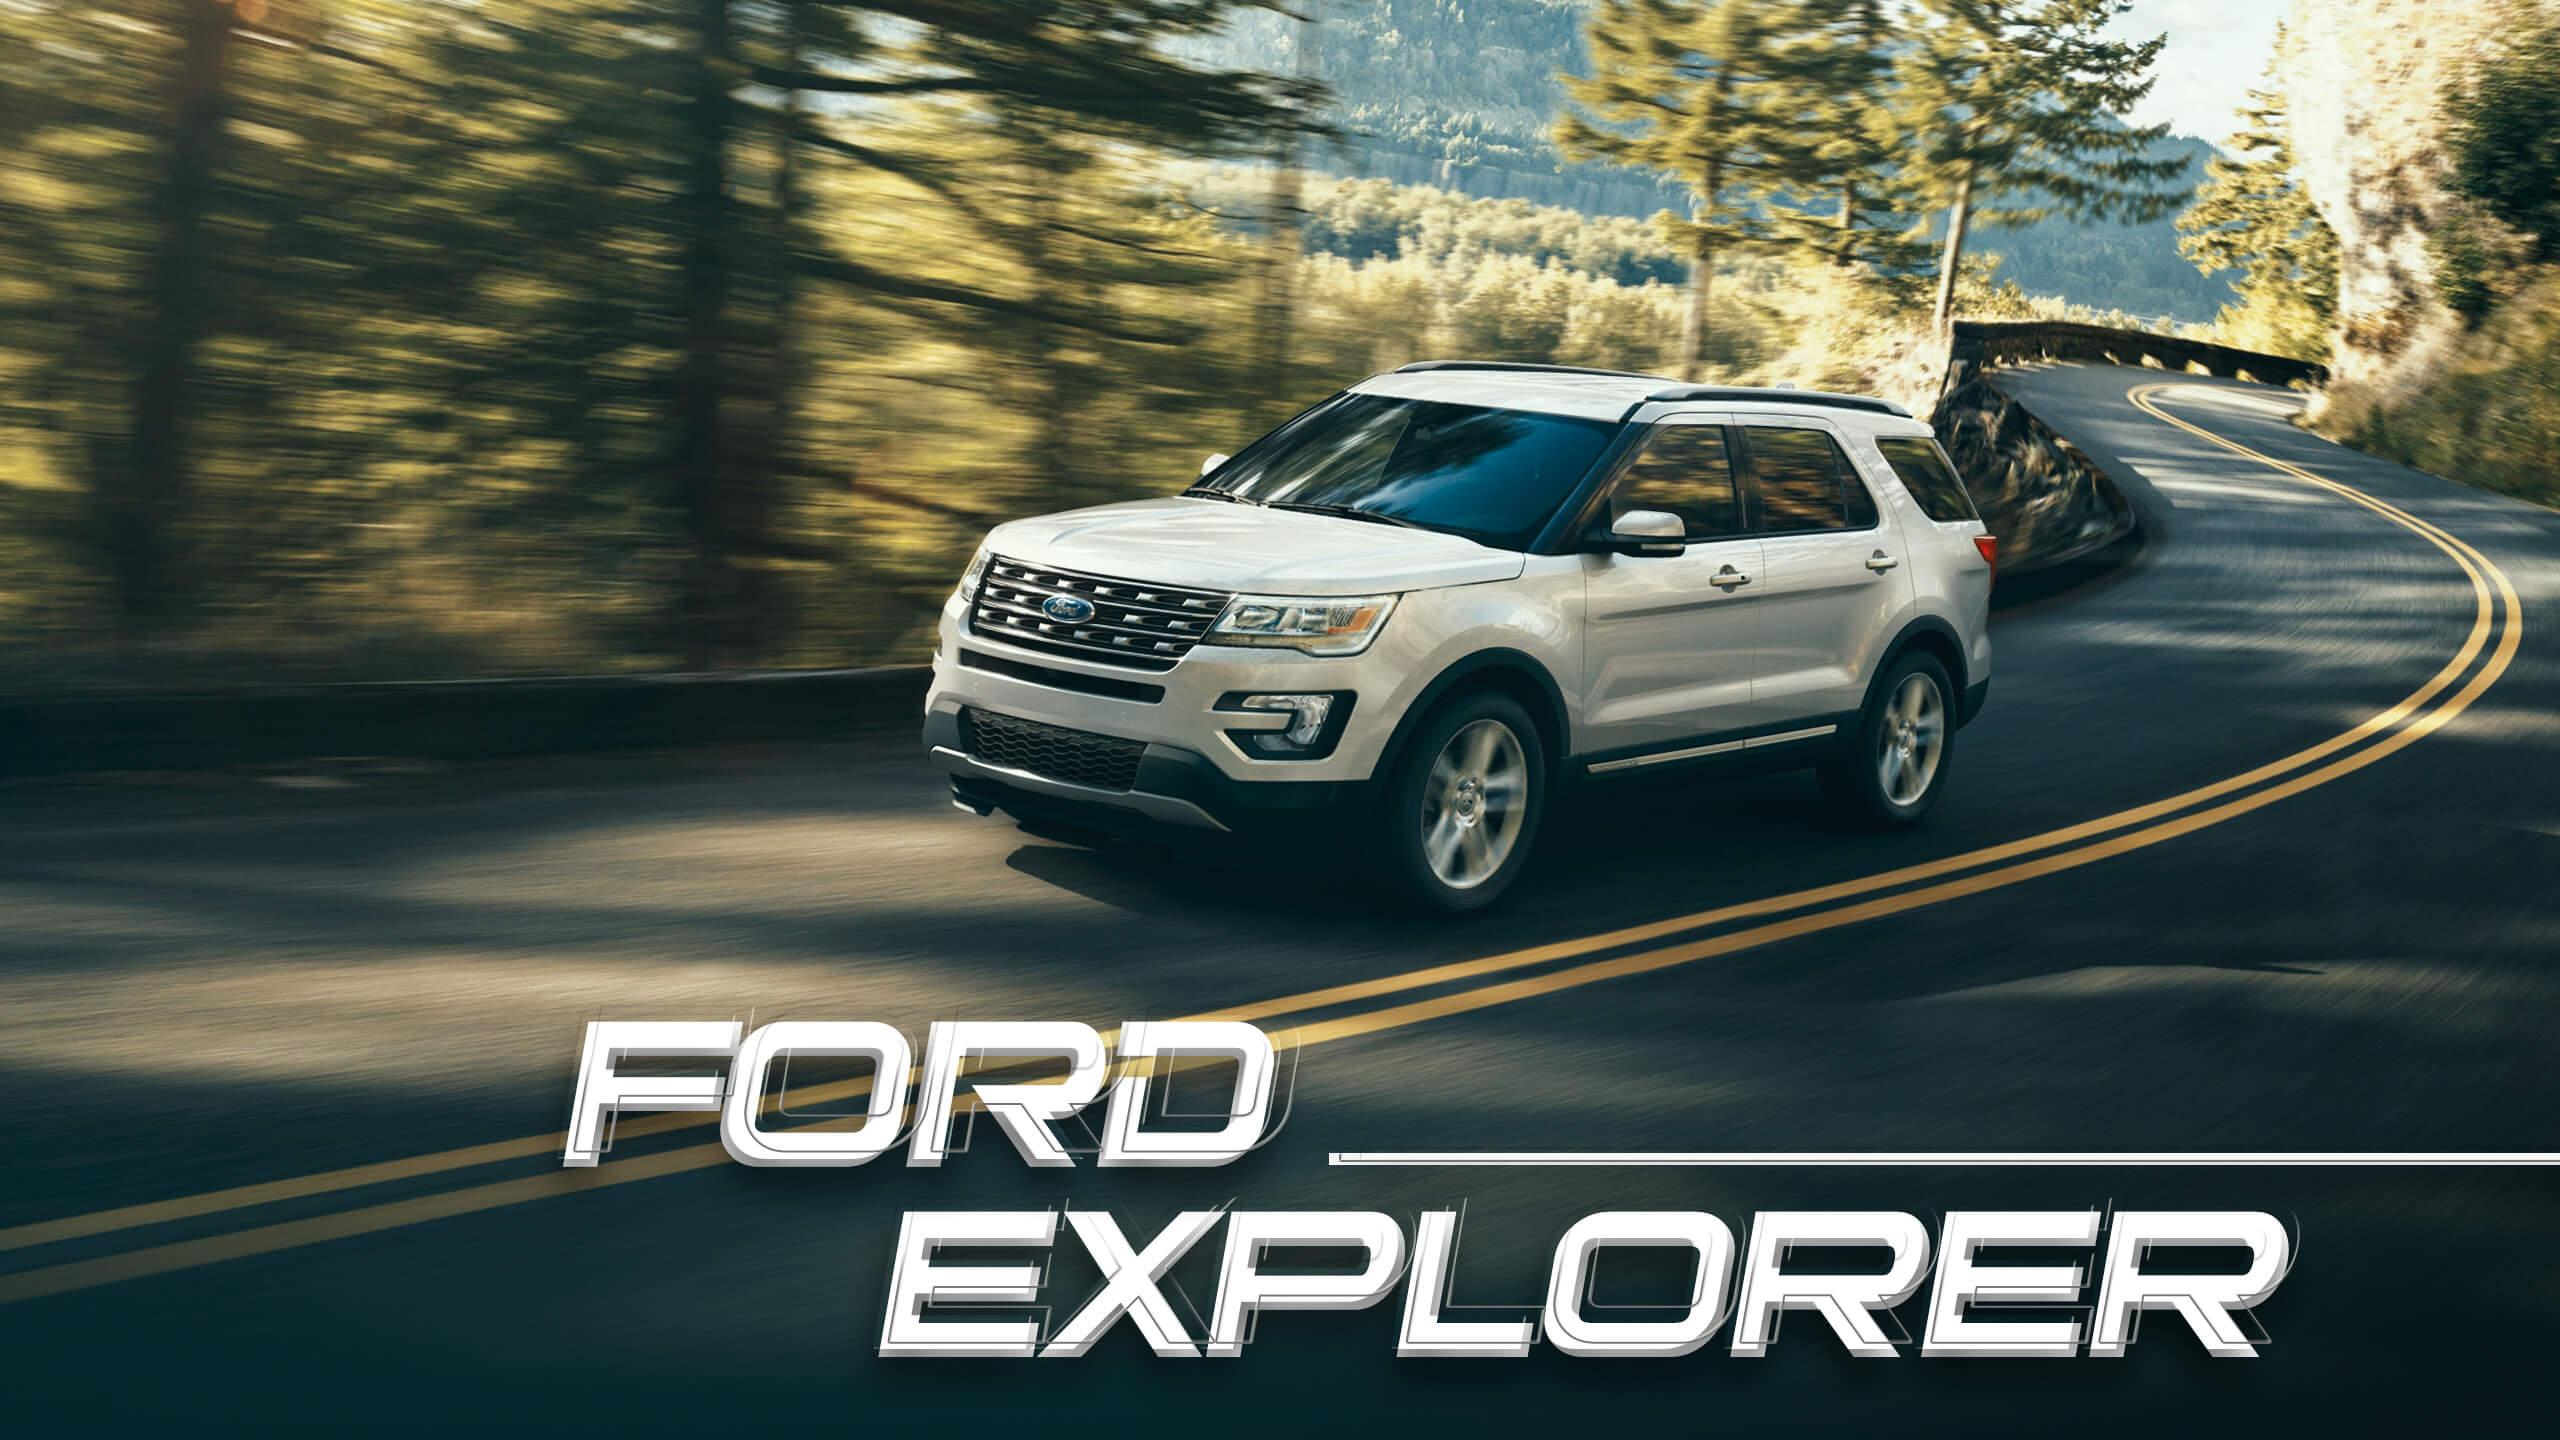 Ford Explorer – lựa chọn dành cho chủ doanh nghiệp người Việt